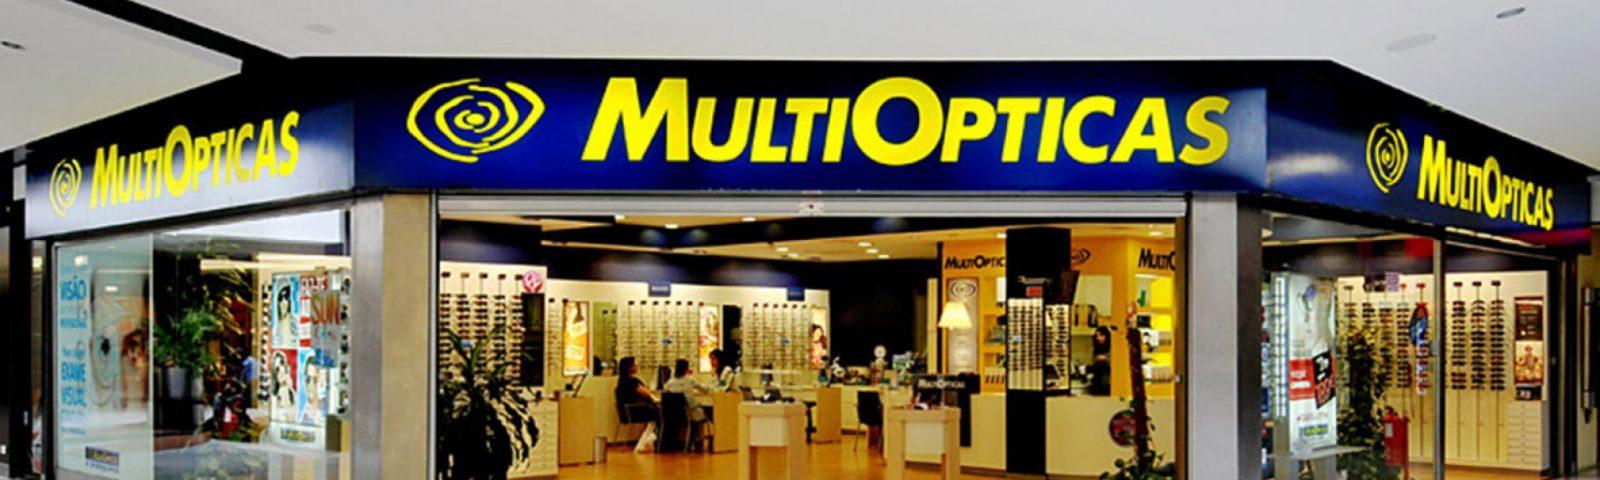 MultiOpticas considerada 'Marca de Confiança'